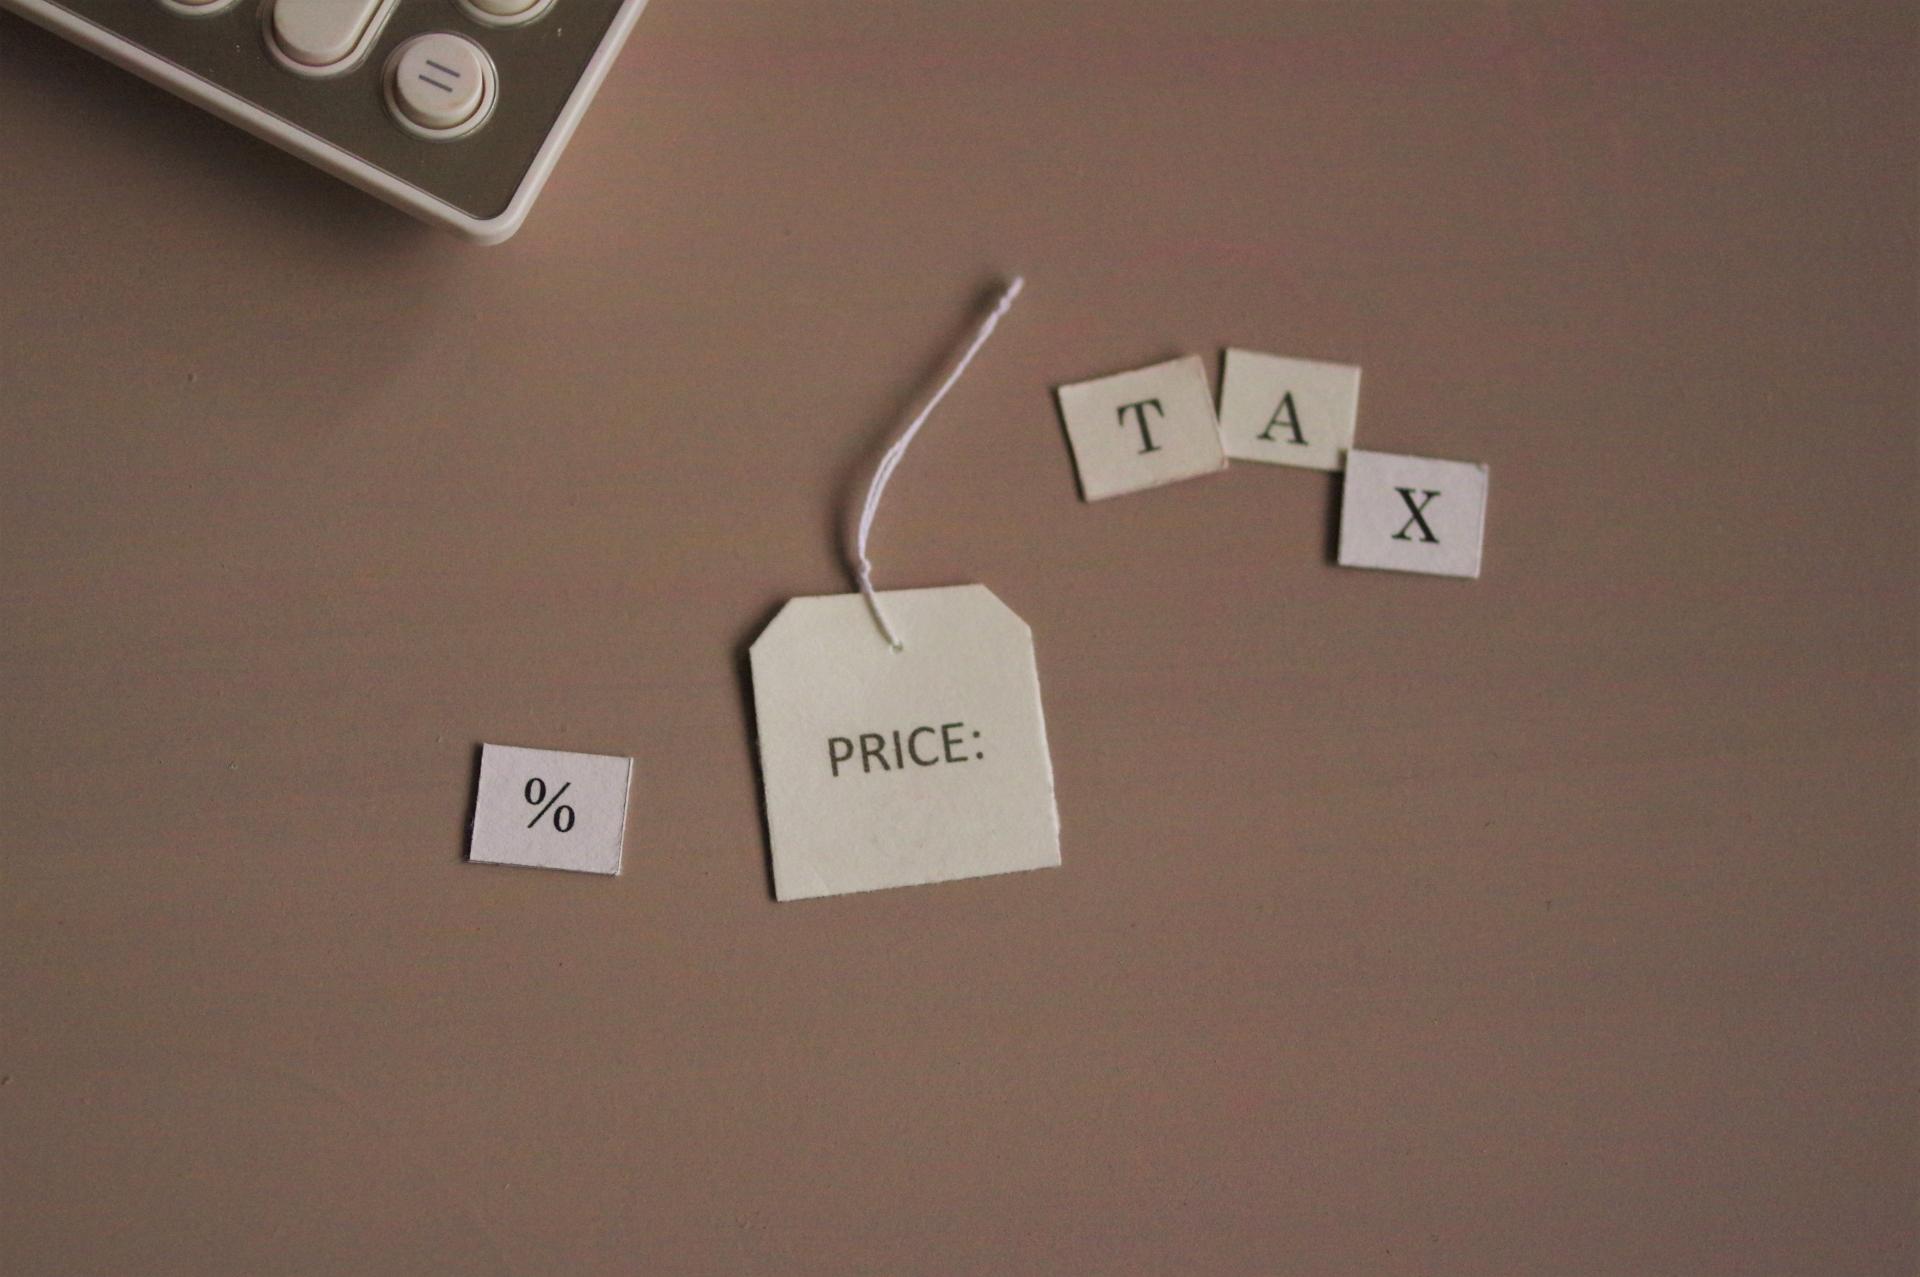 Kê khai thuế với chi nhánh